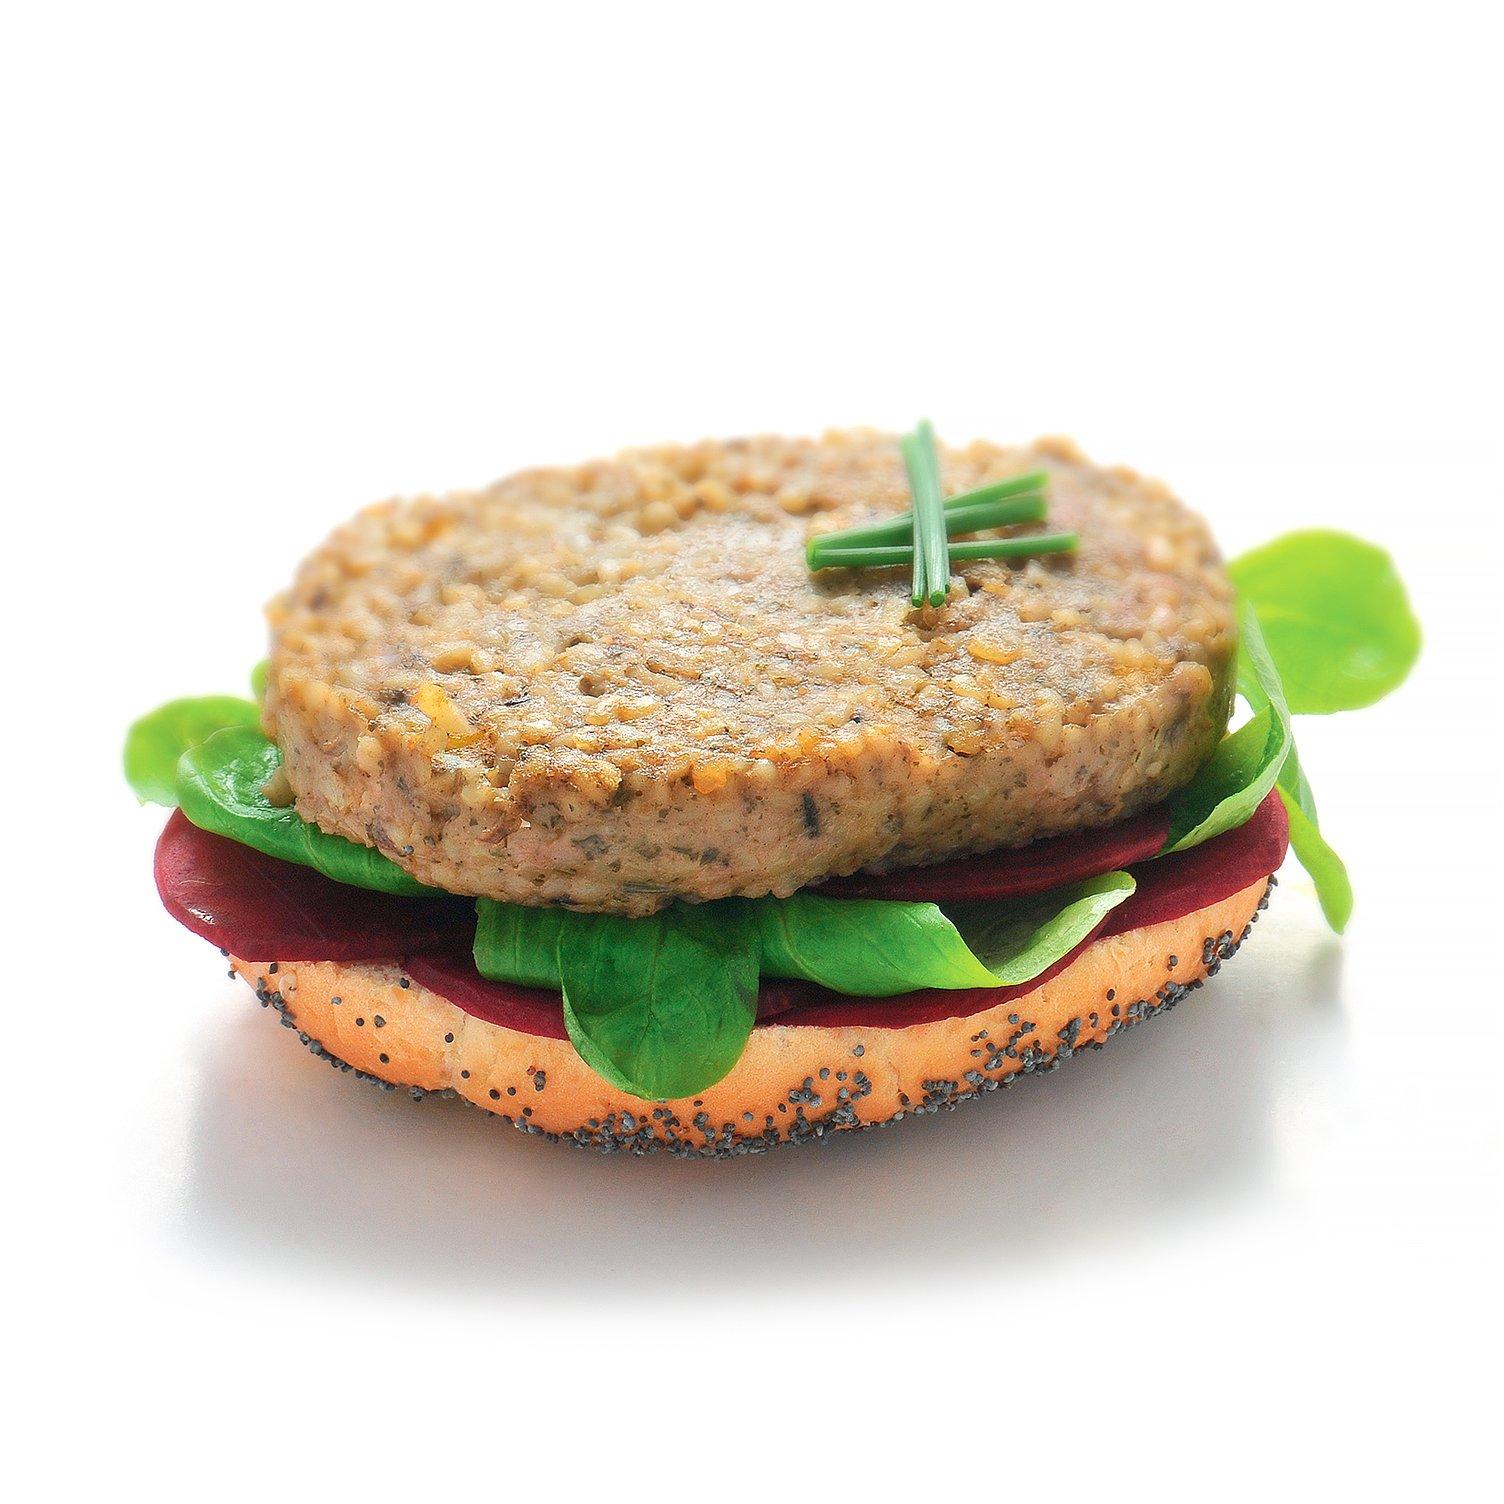 Burger avec galette végétale au boulgour et champignons persillade